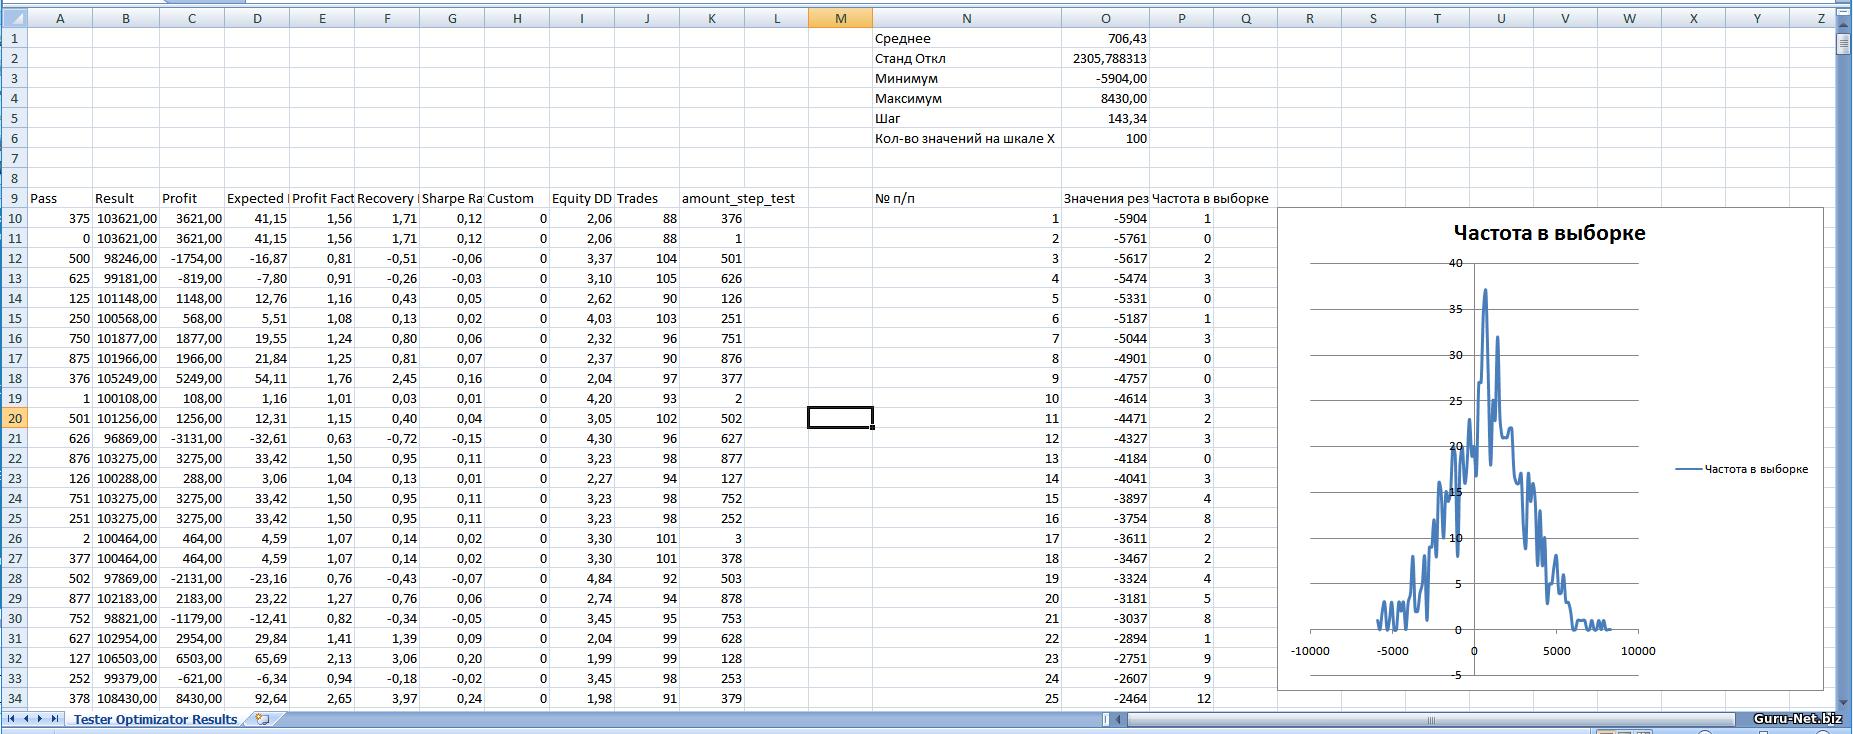 Распределение результатов для трейлинг стопа на основе индикатора скользящая средняя